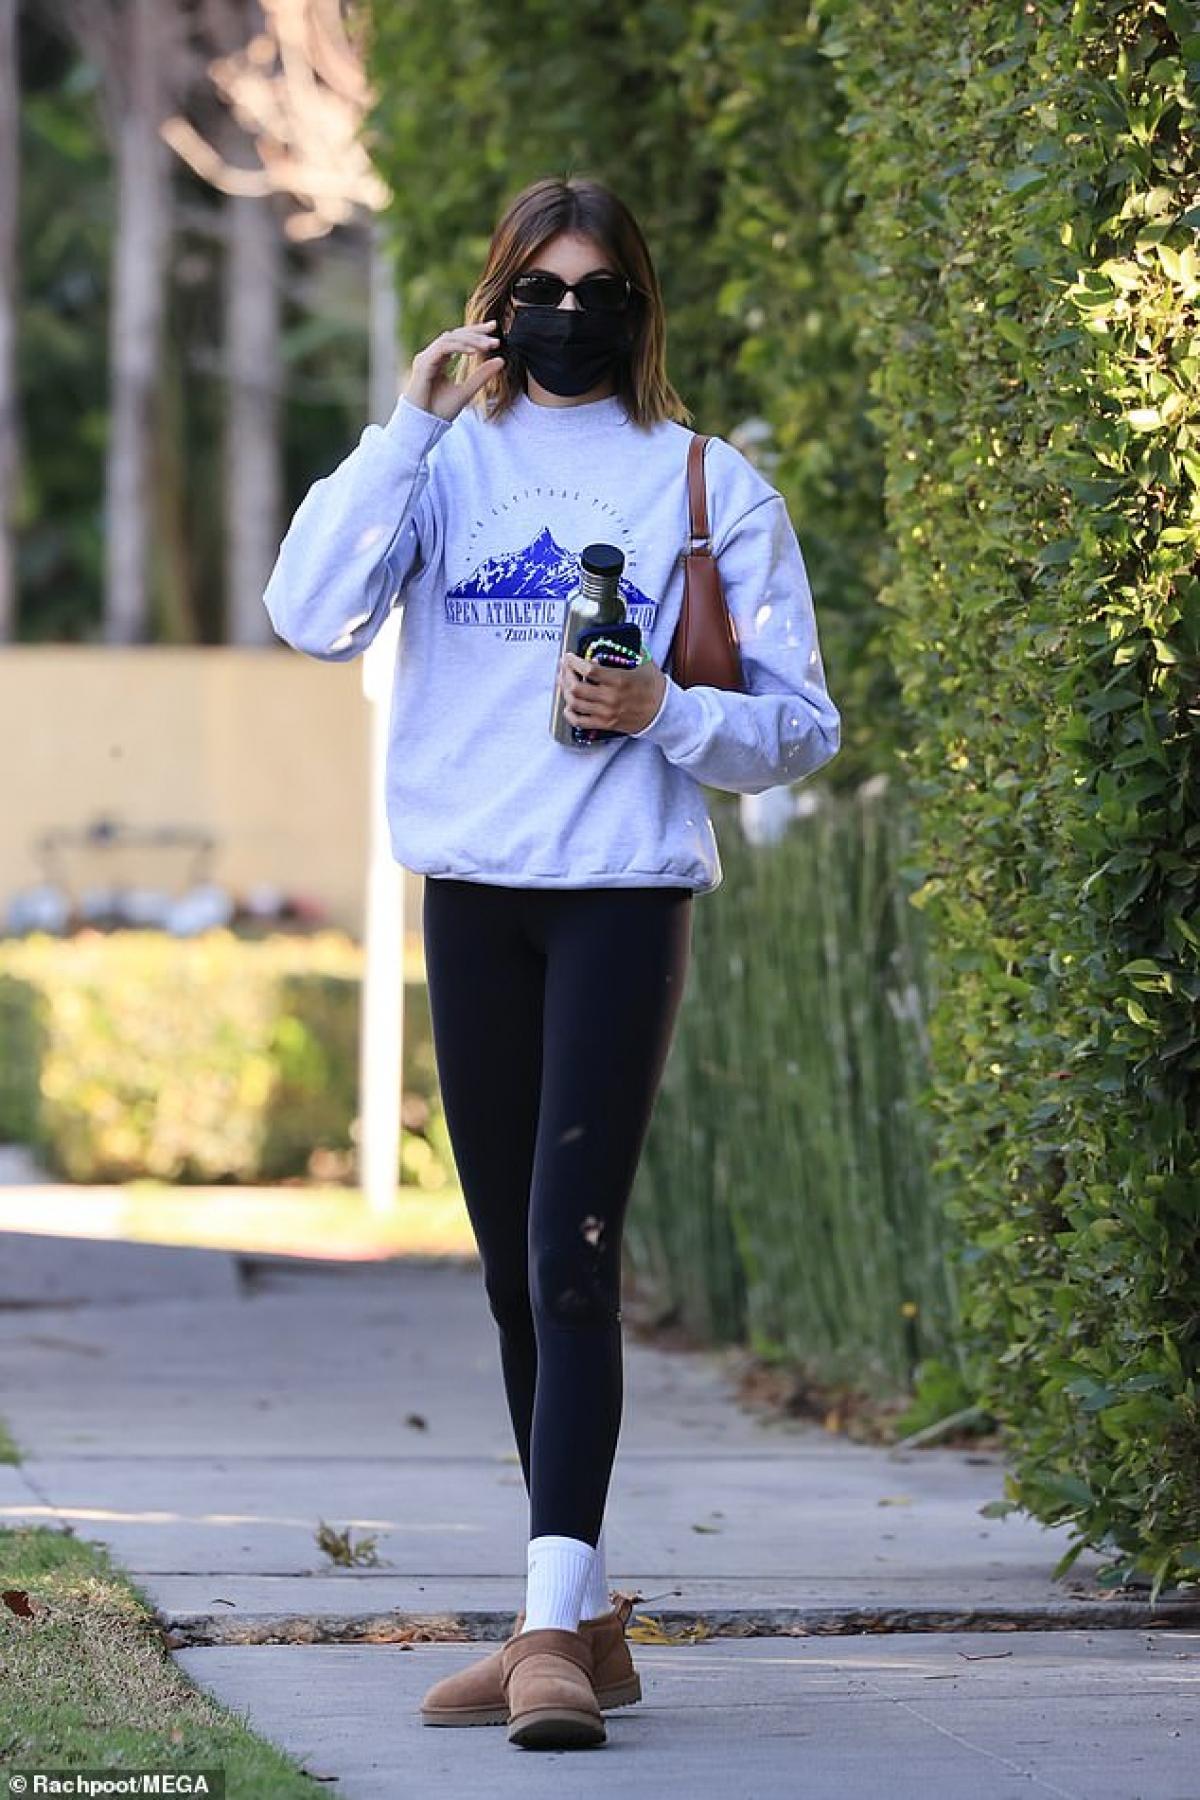 Con gái siêu mẫu Cindy Crawford diện trang phục thể thao khỏe khoắn, năng động.